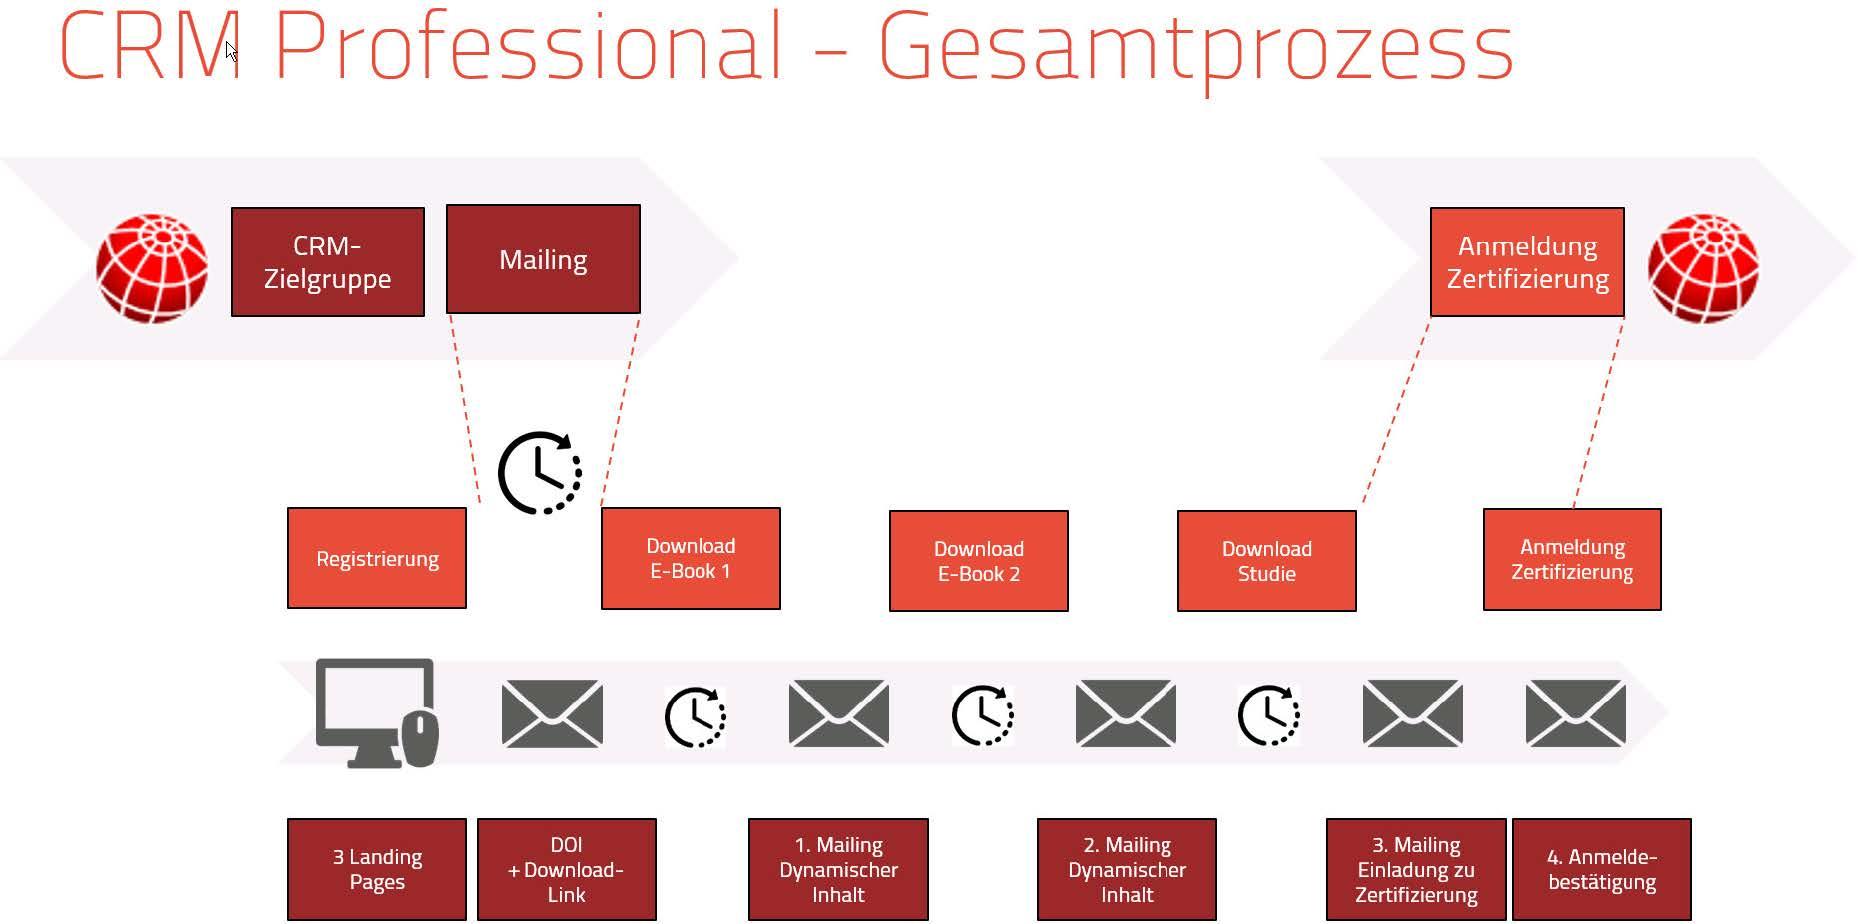 Beispielbild aus Nurture-Prozess (Quelle: itdesign GmbH)